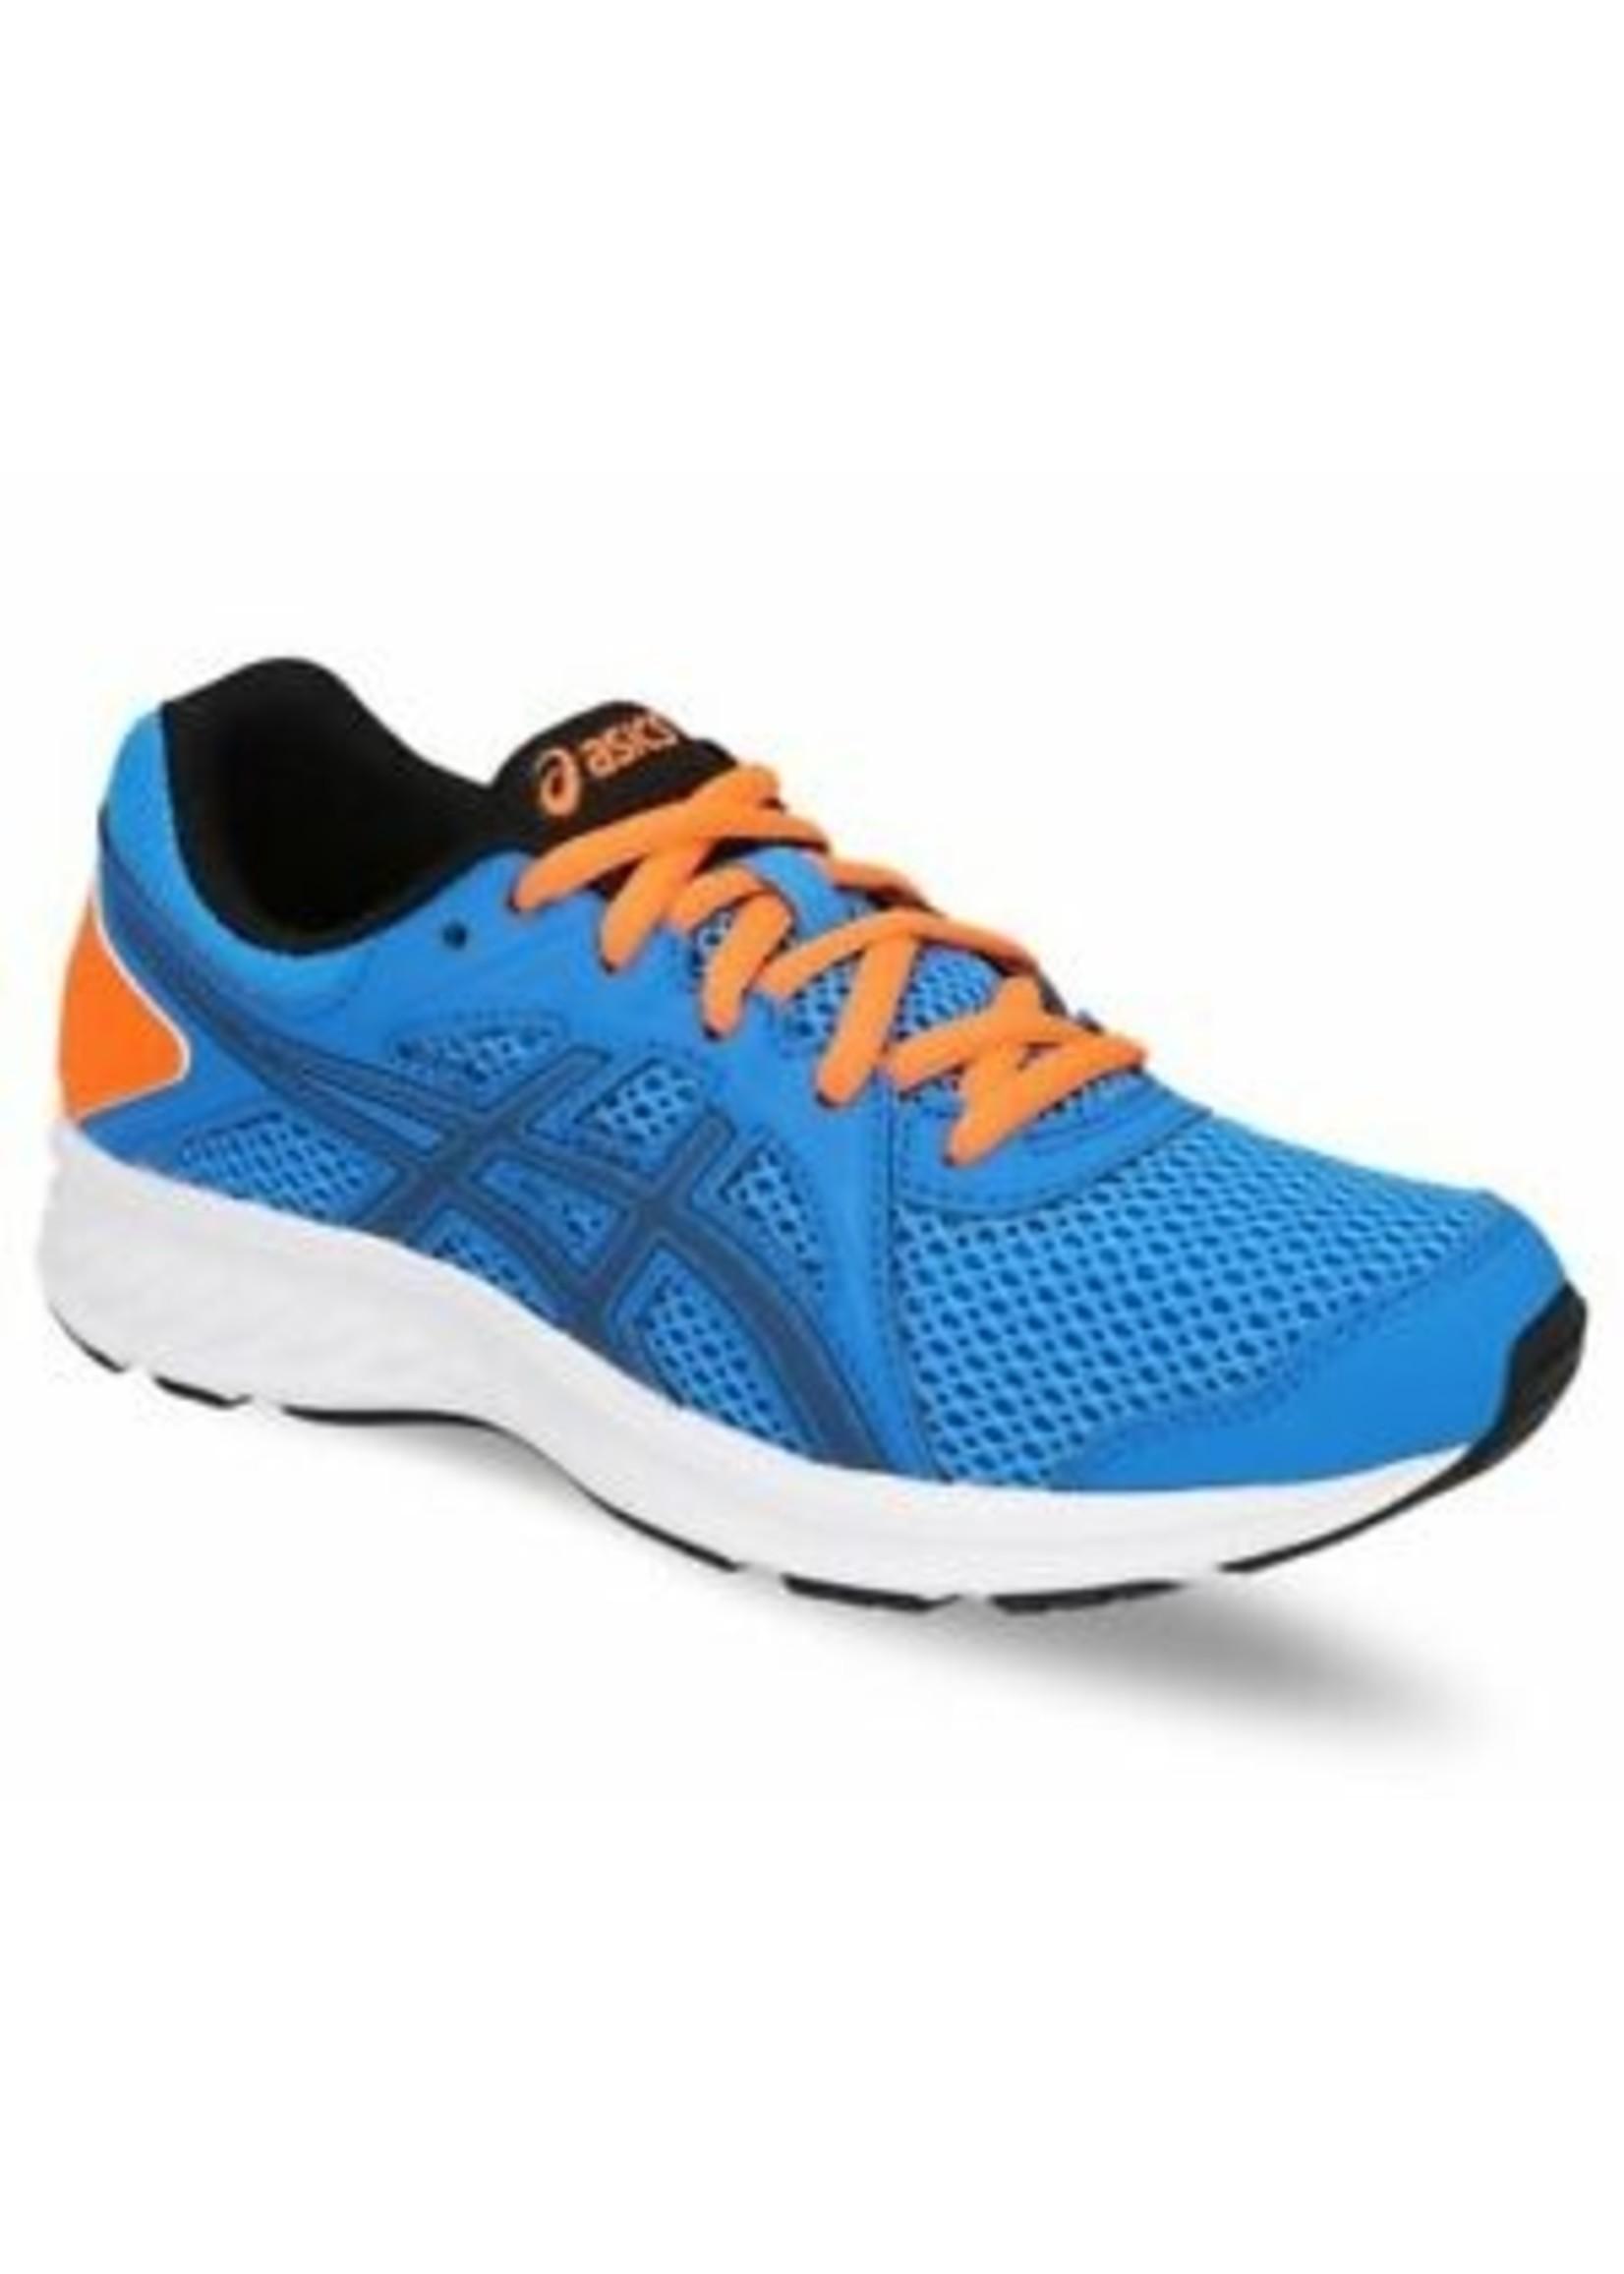 Asics Asics Jolt 2 Junior Running Shoe, Black/ Directoire Blue